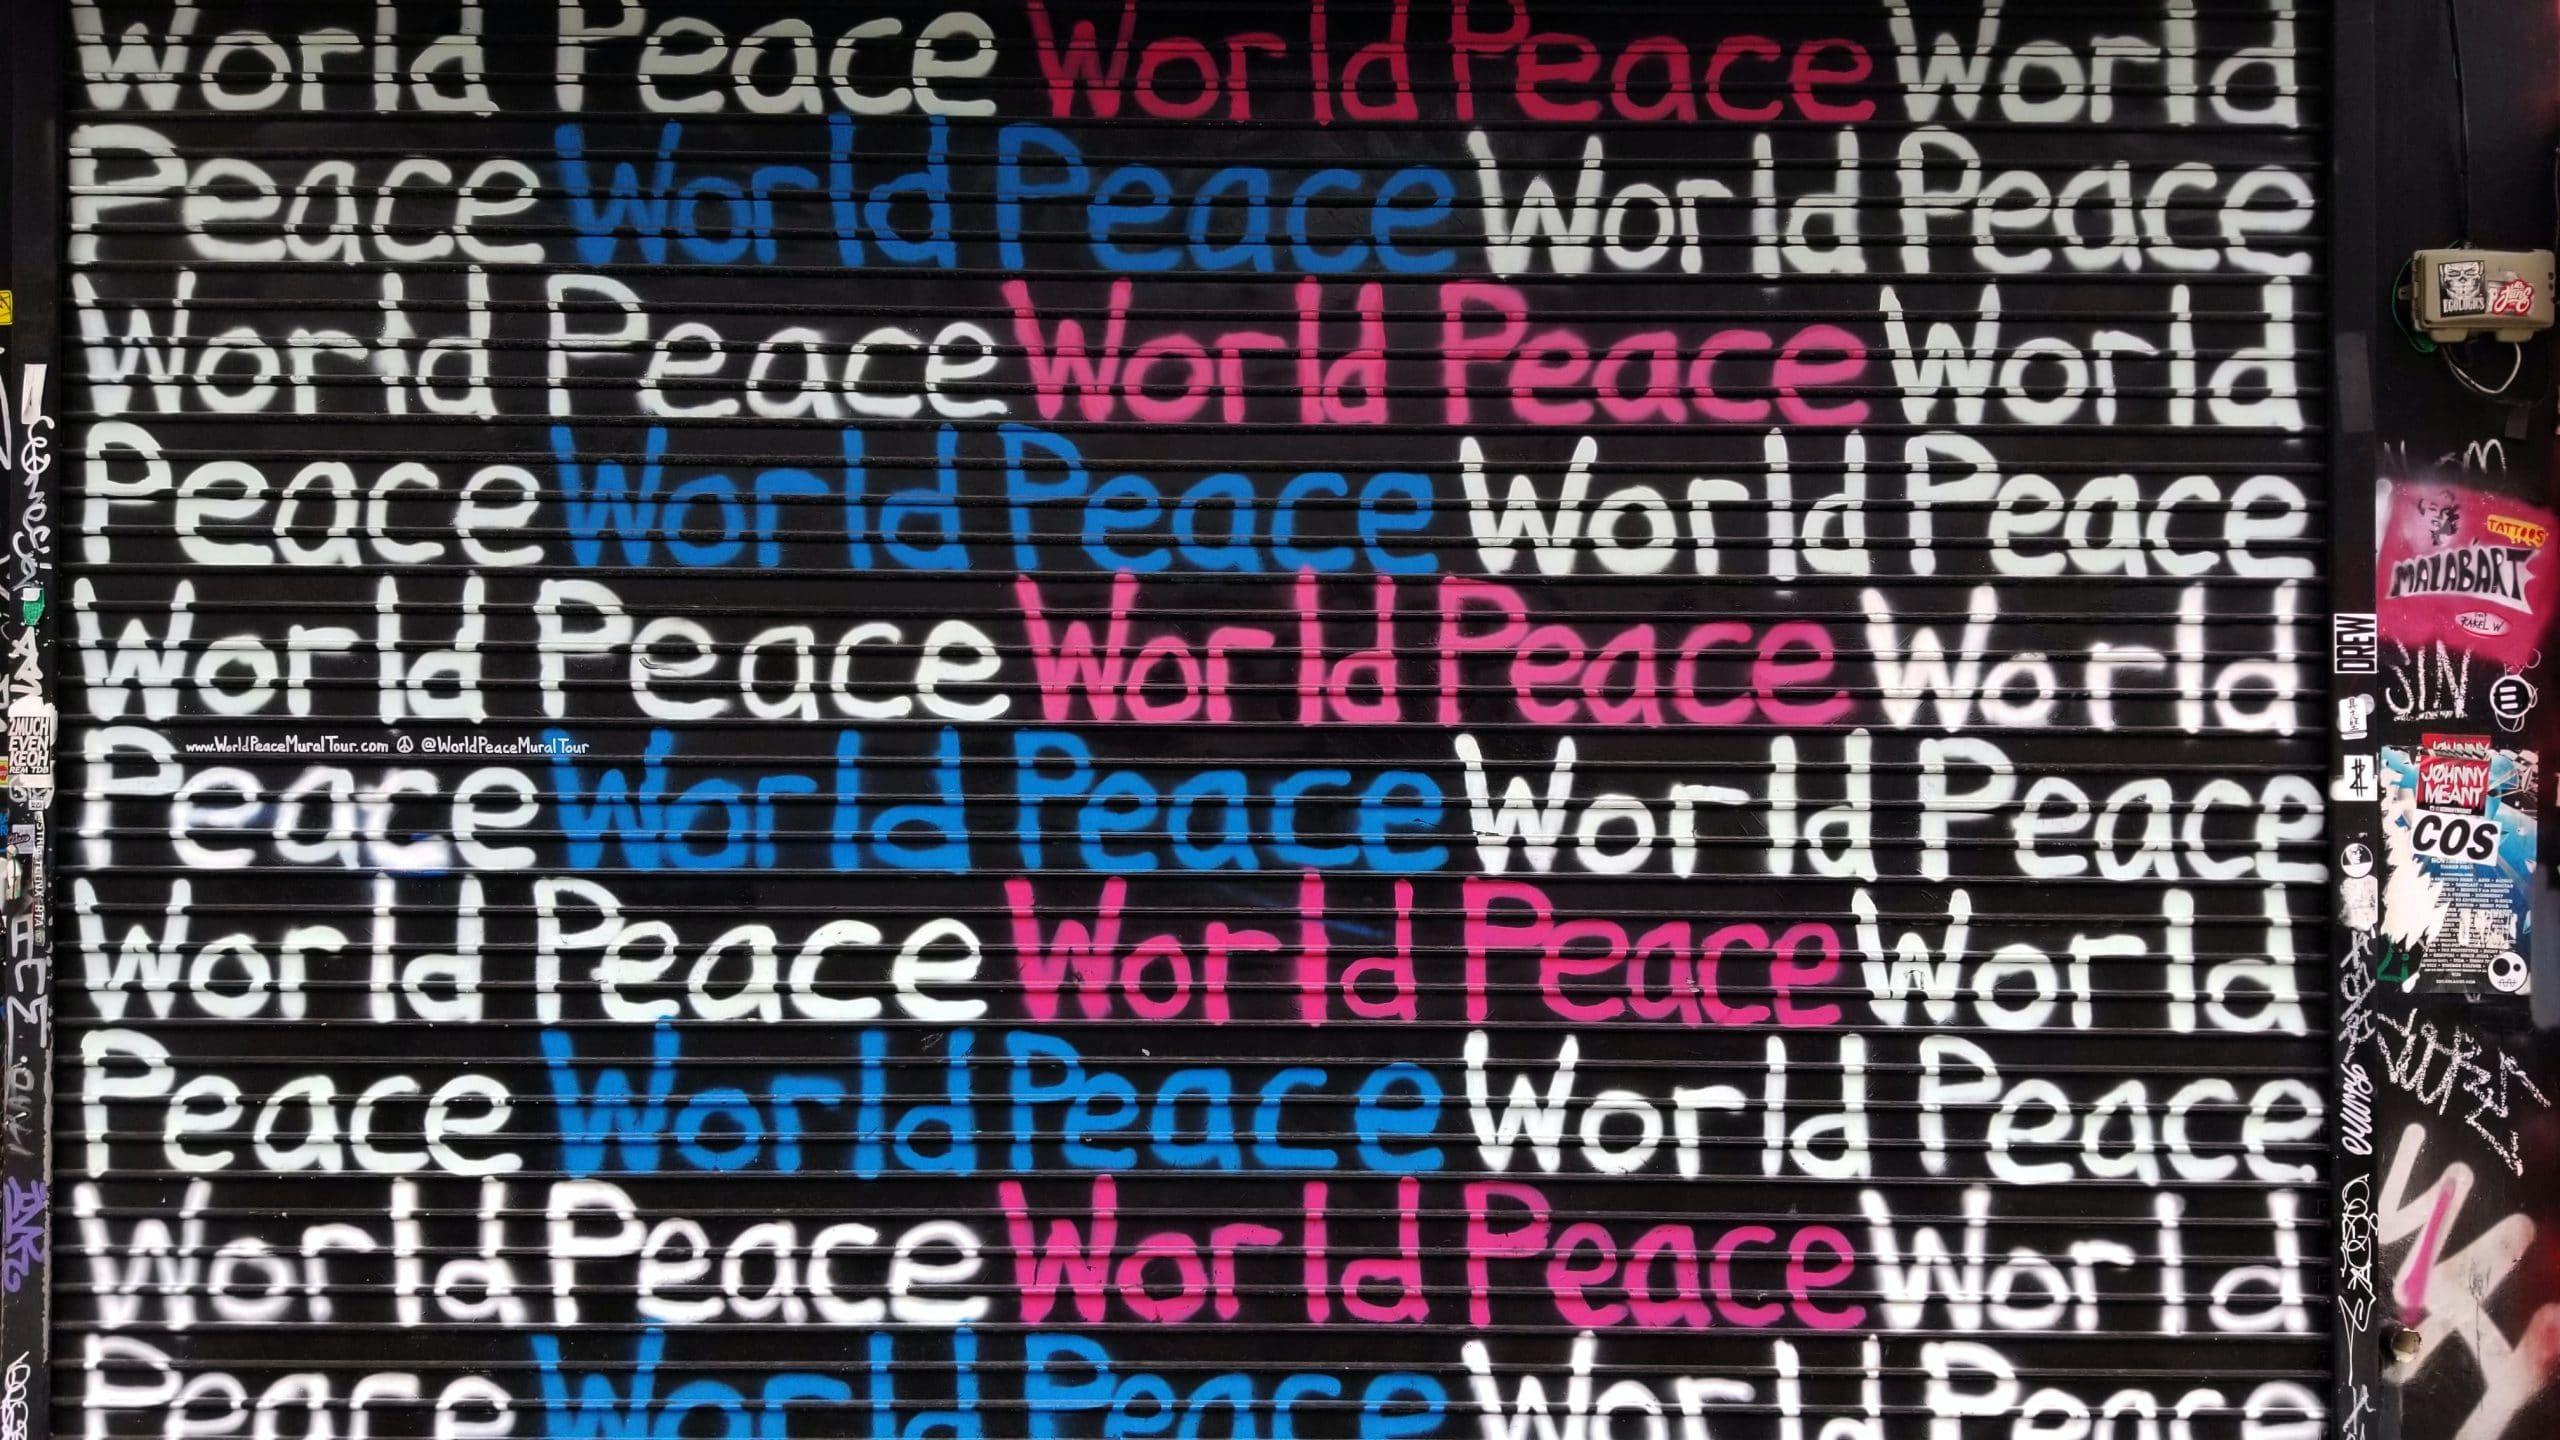 Ist der Weltfrieden denn eigentlich möglich?